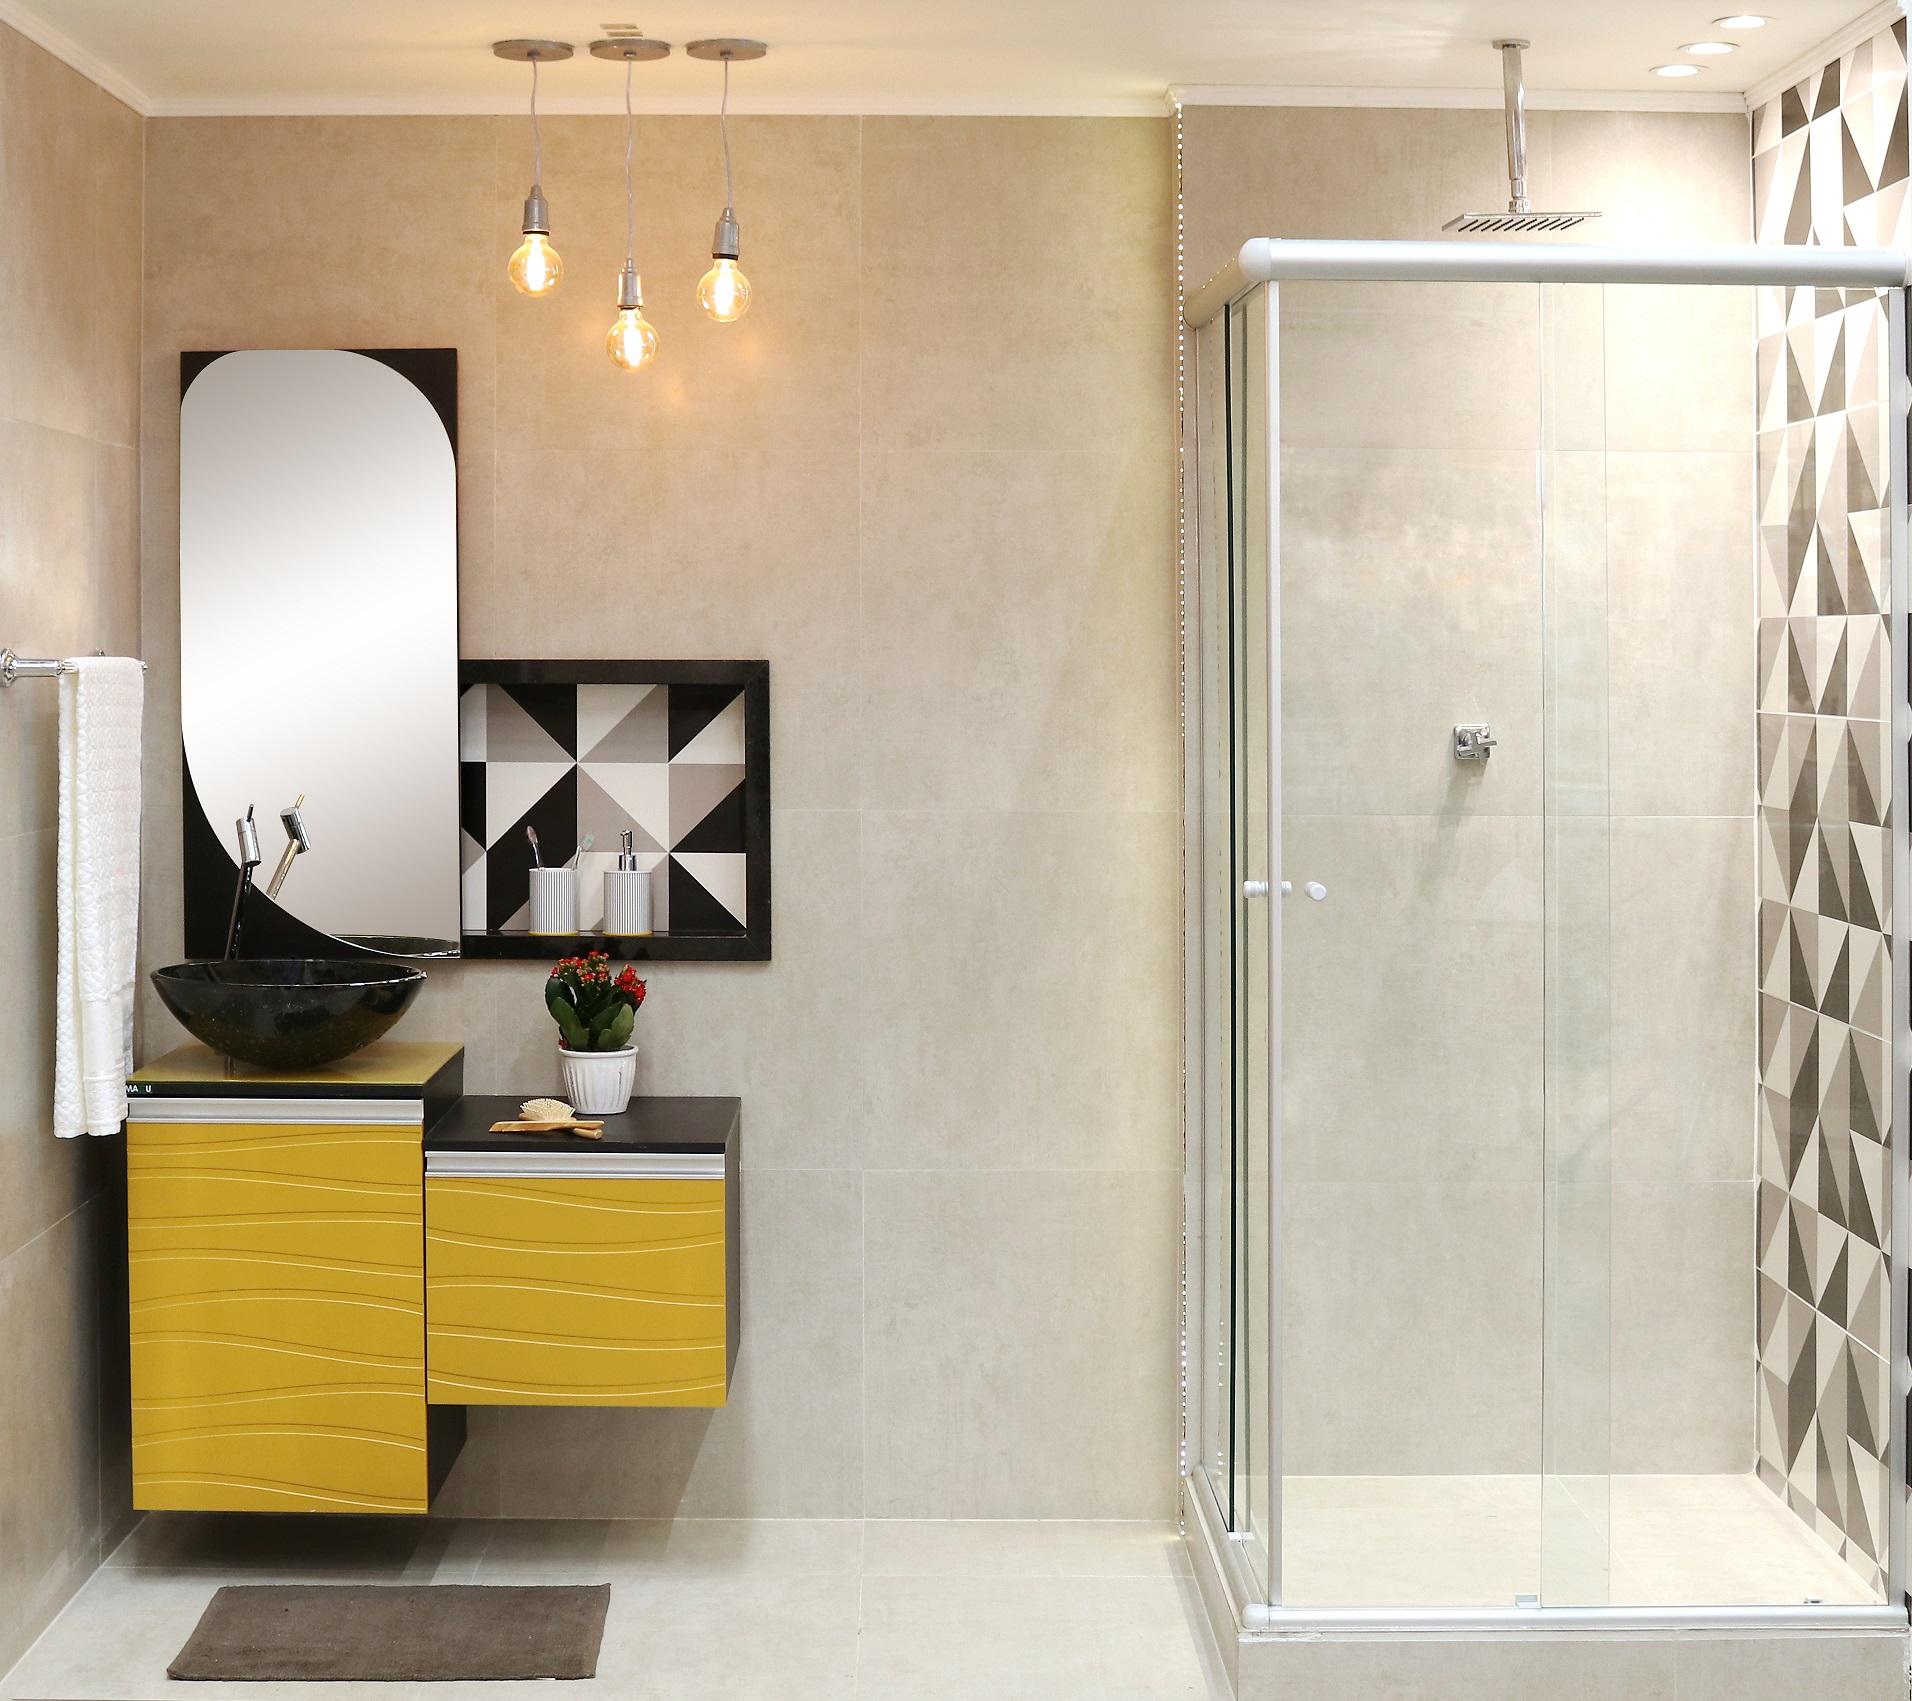 Banheiro grande com gabinete amarelo leroy merlin - Maceteros grandes leroy merlin ...